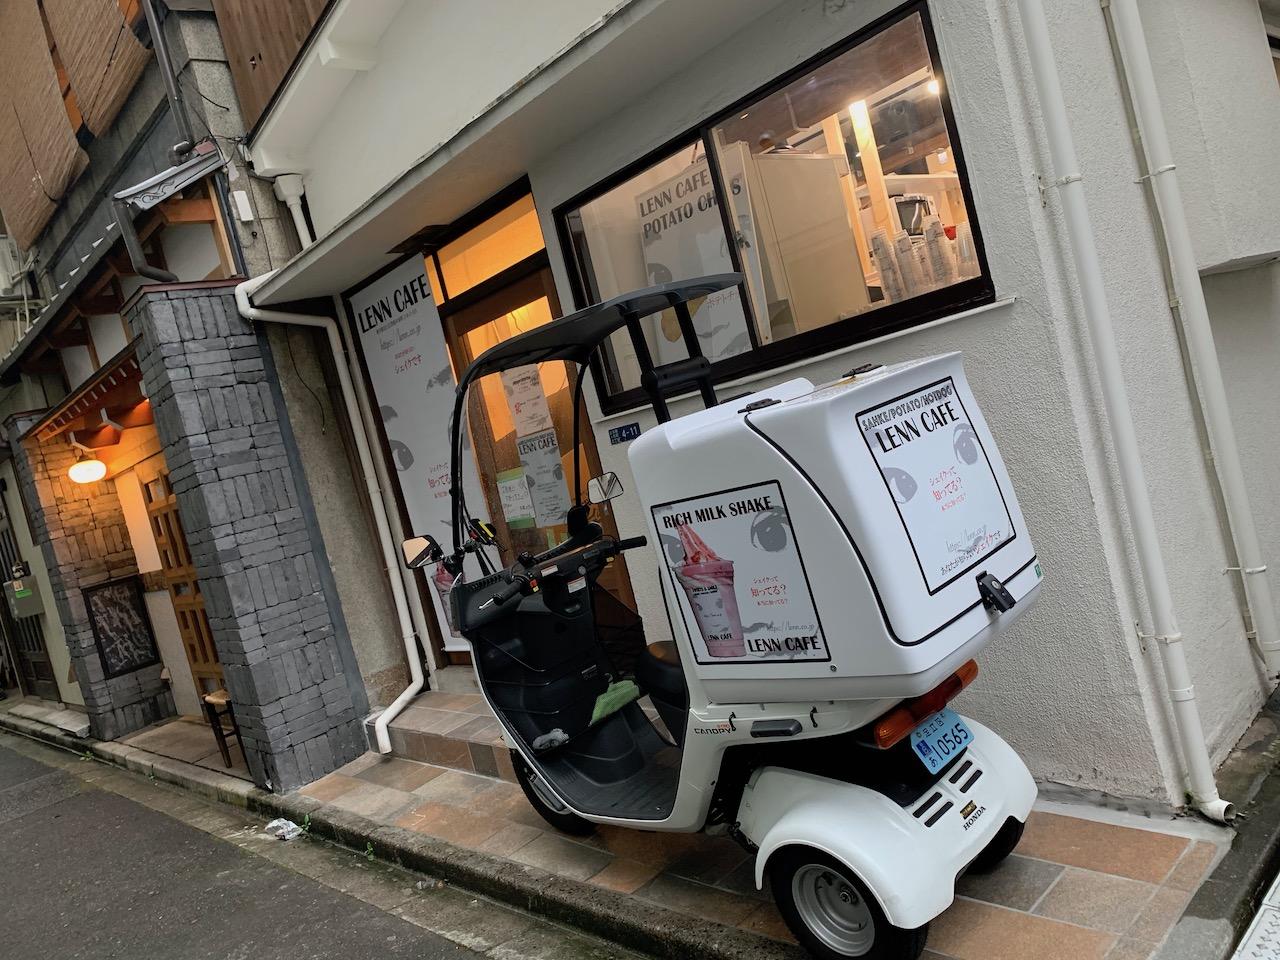 レンカフェ(LENN CAFE)日本橋人形町店デリバリー